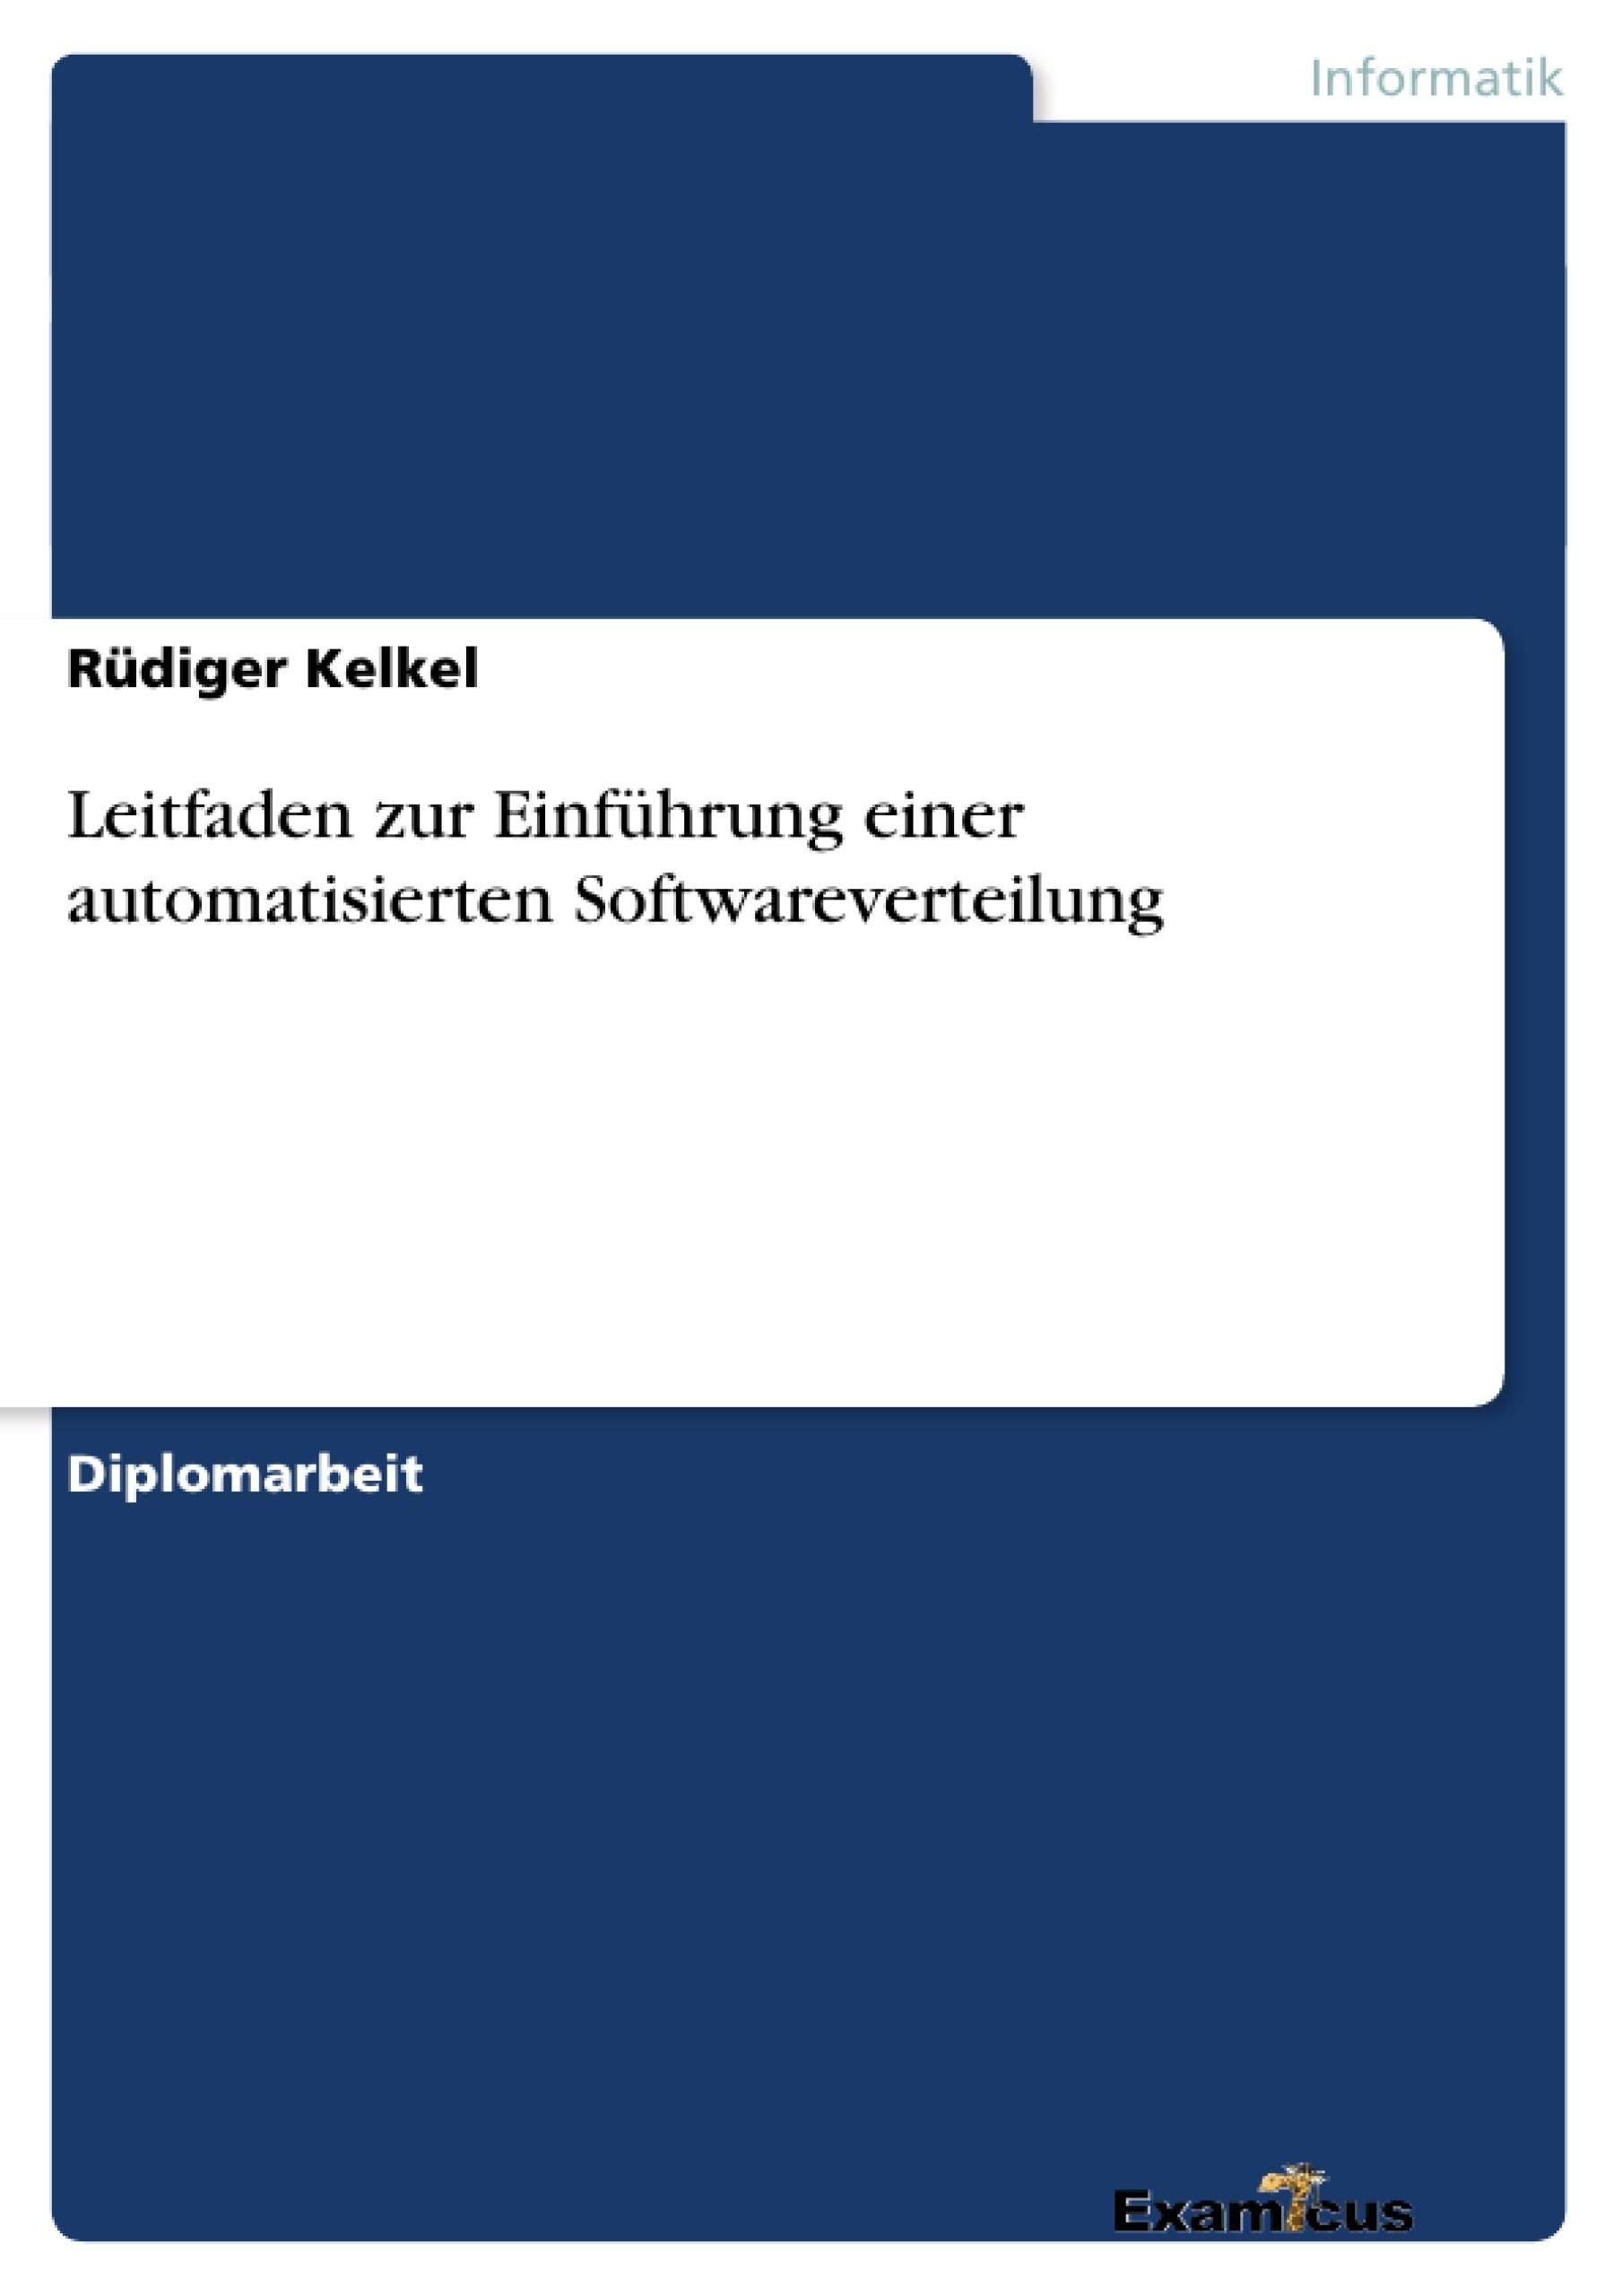 Titel: Leitfaden zur Einführung einer automatisierten Softwareverteilung